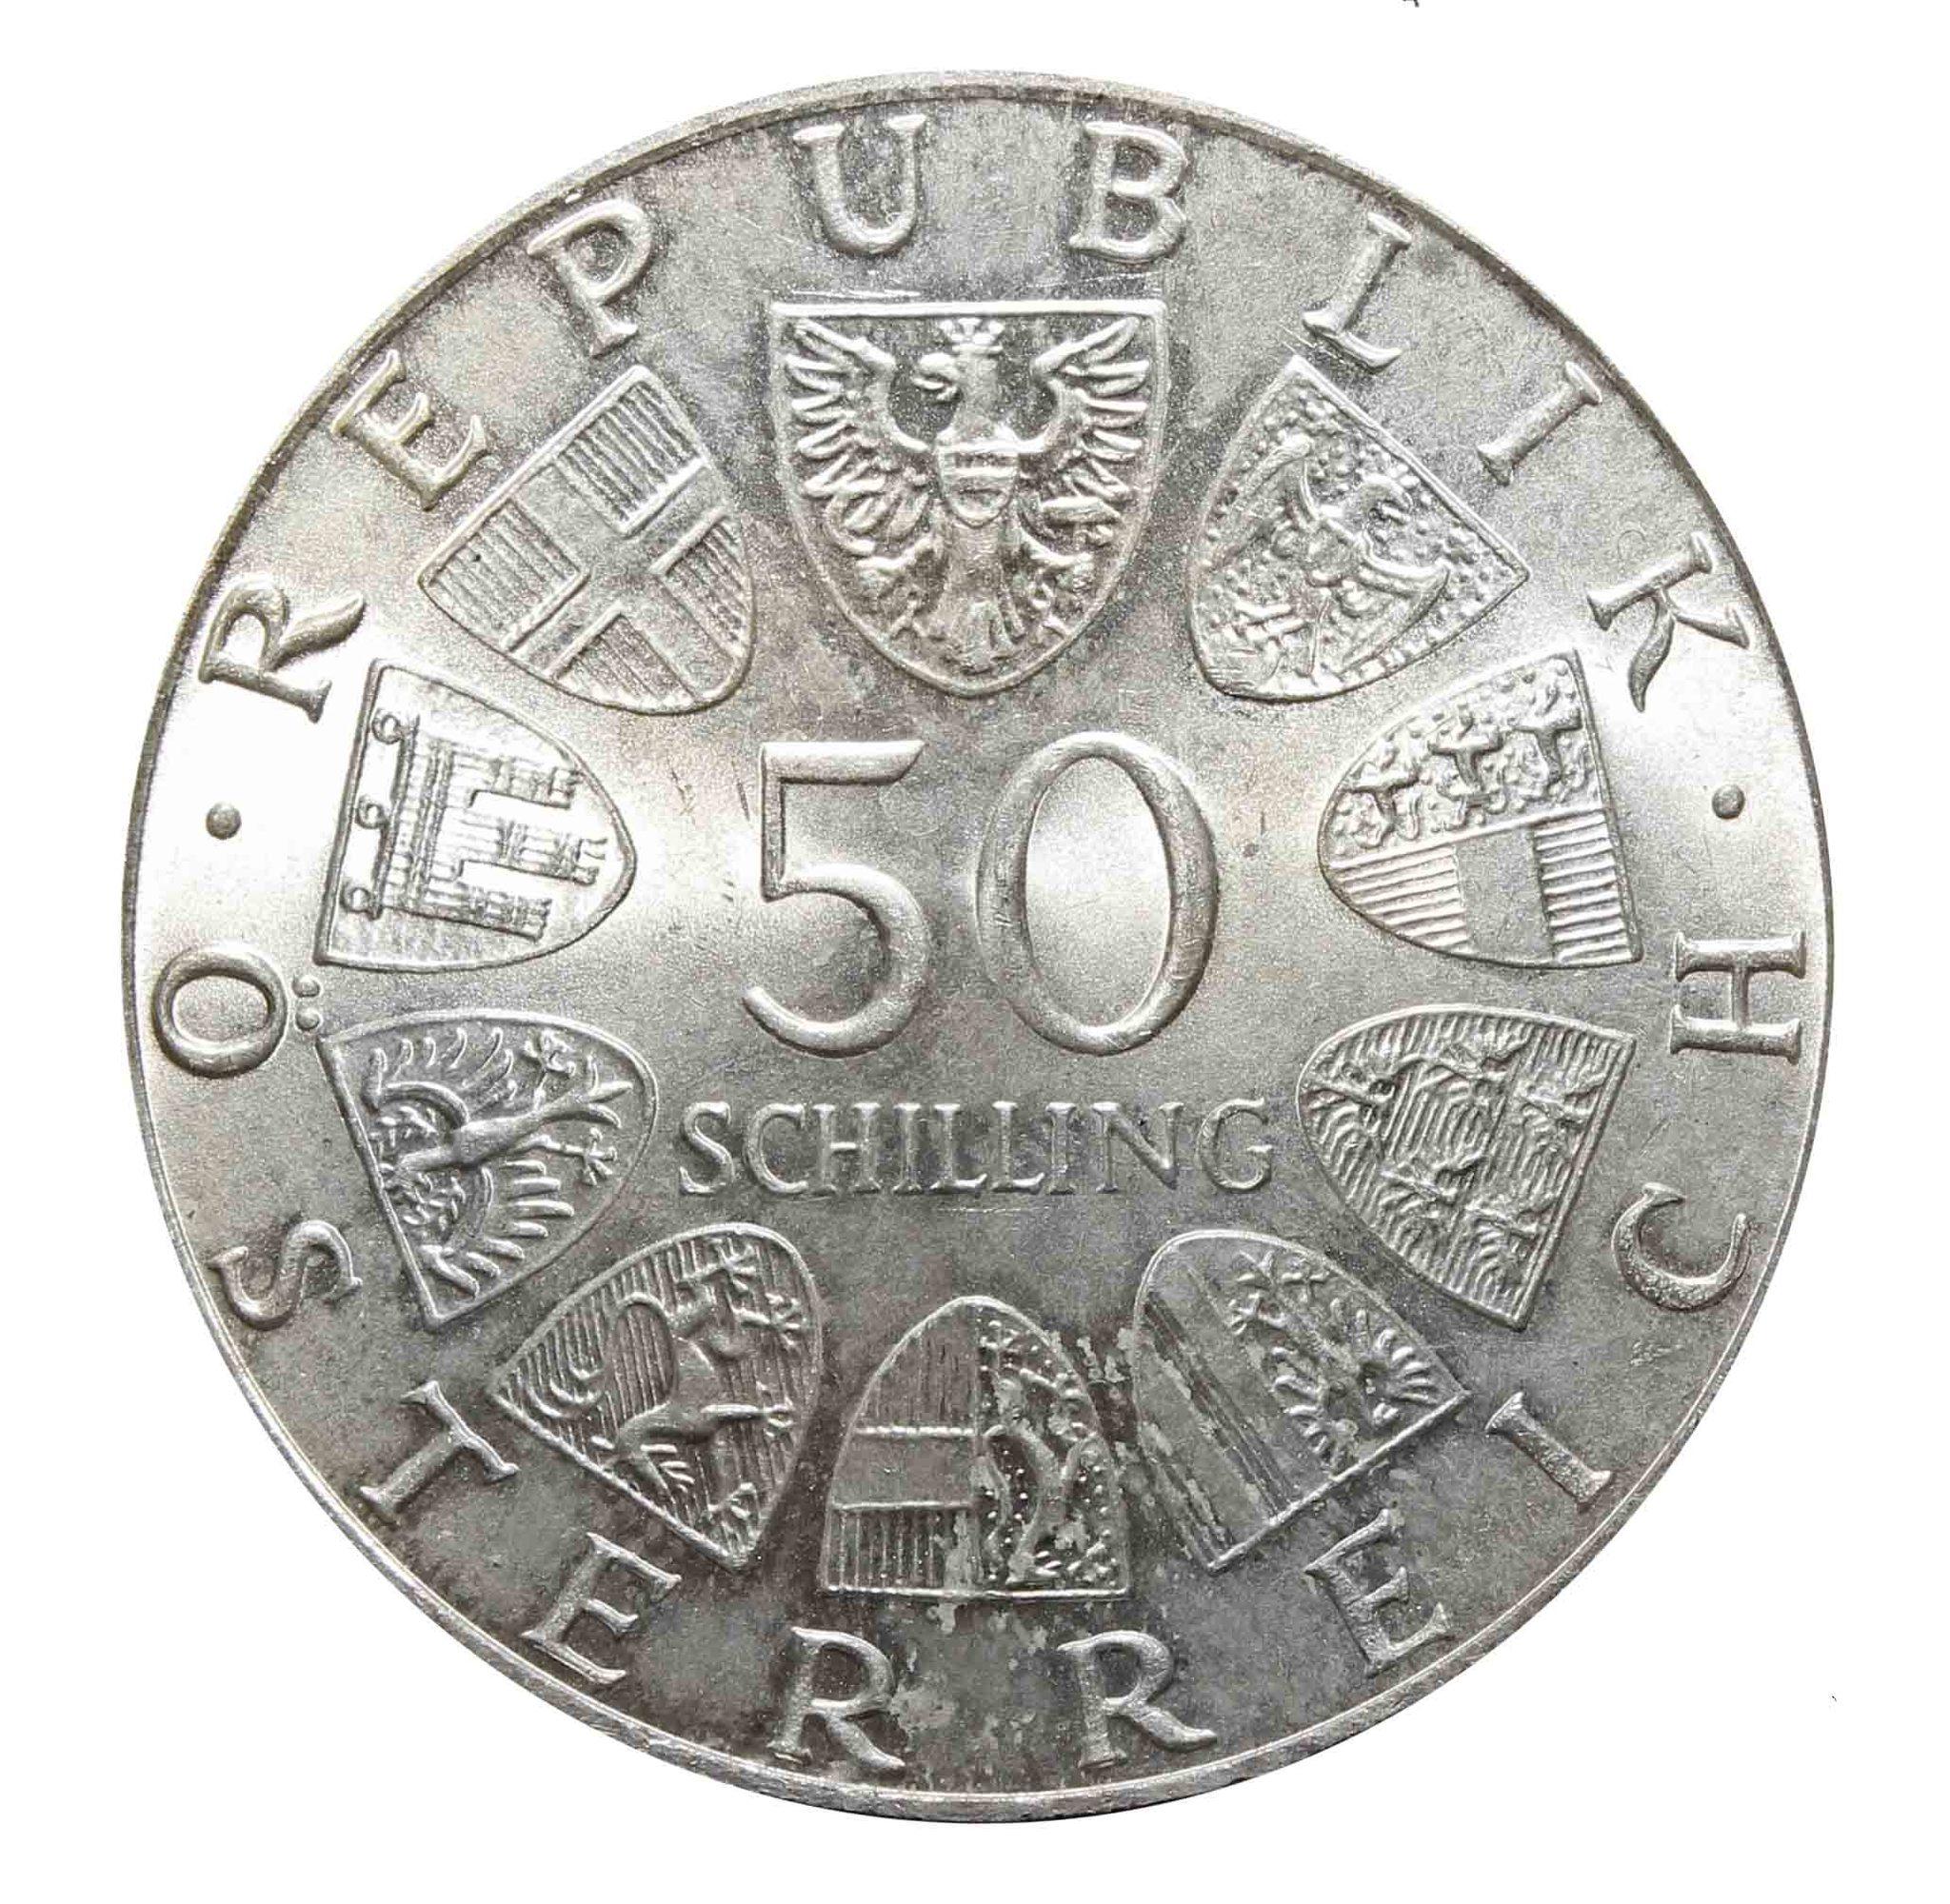 50 шиллингов. 50 лет Австрийскому радио. Австрия. 1974 год. Серебро. AU